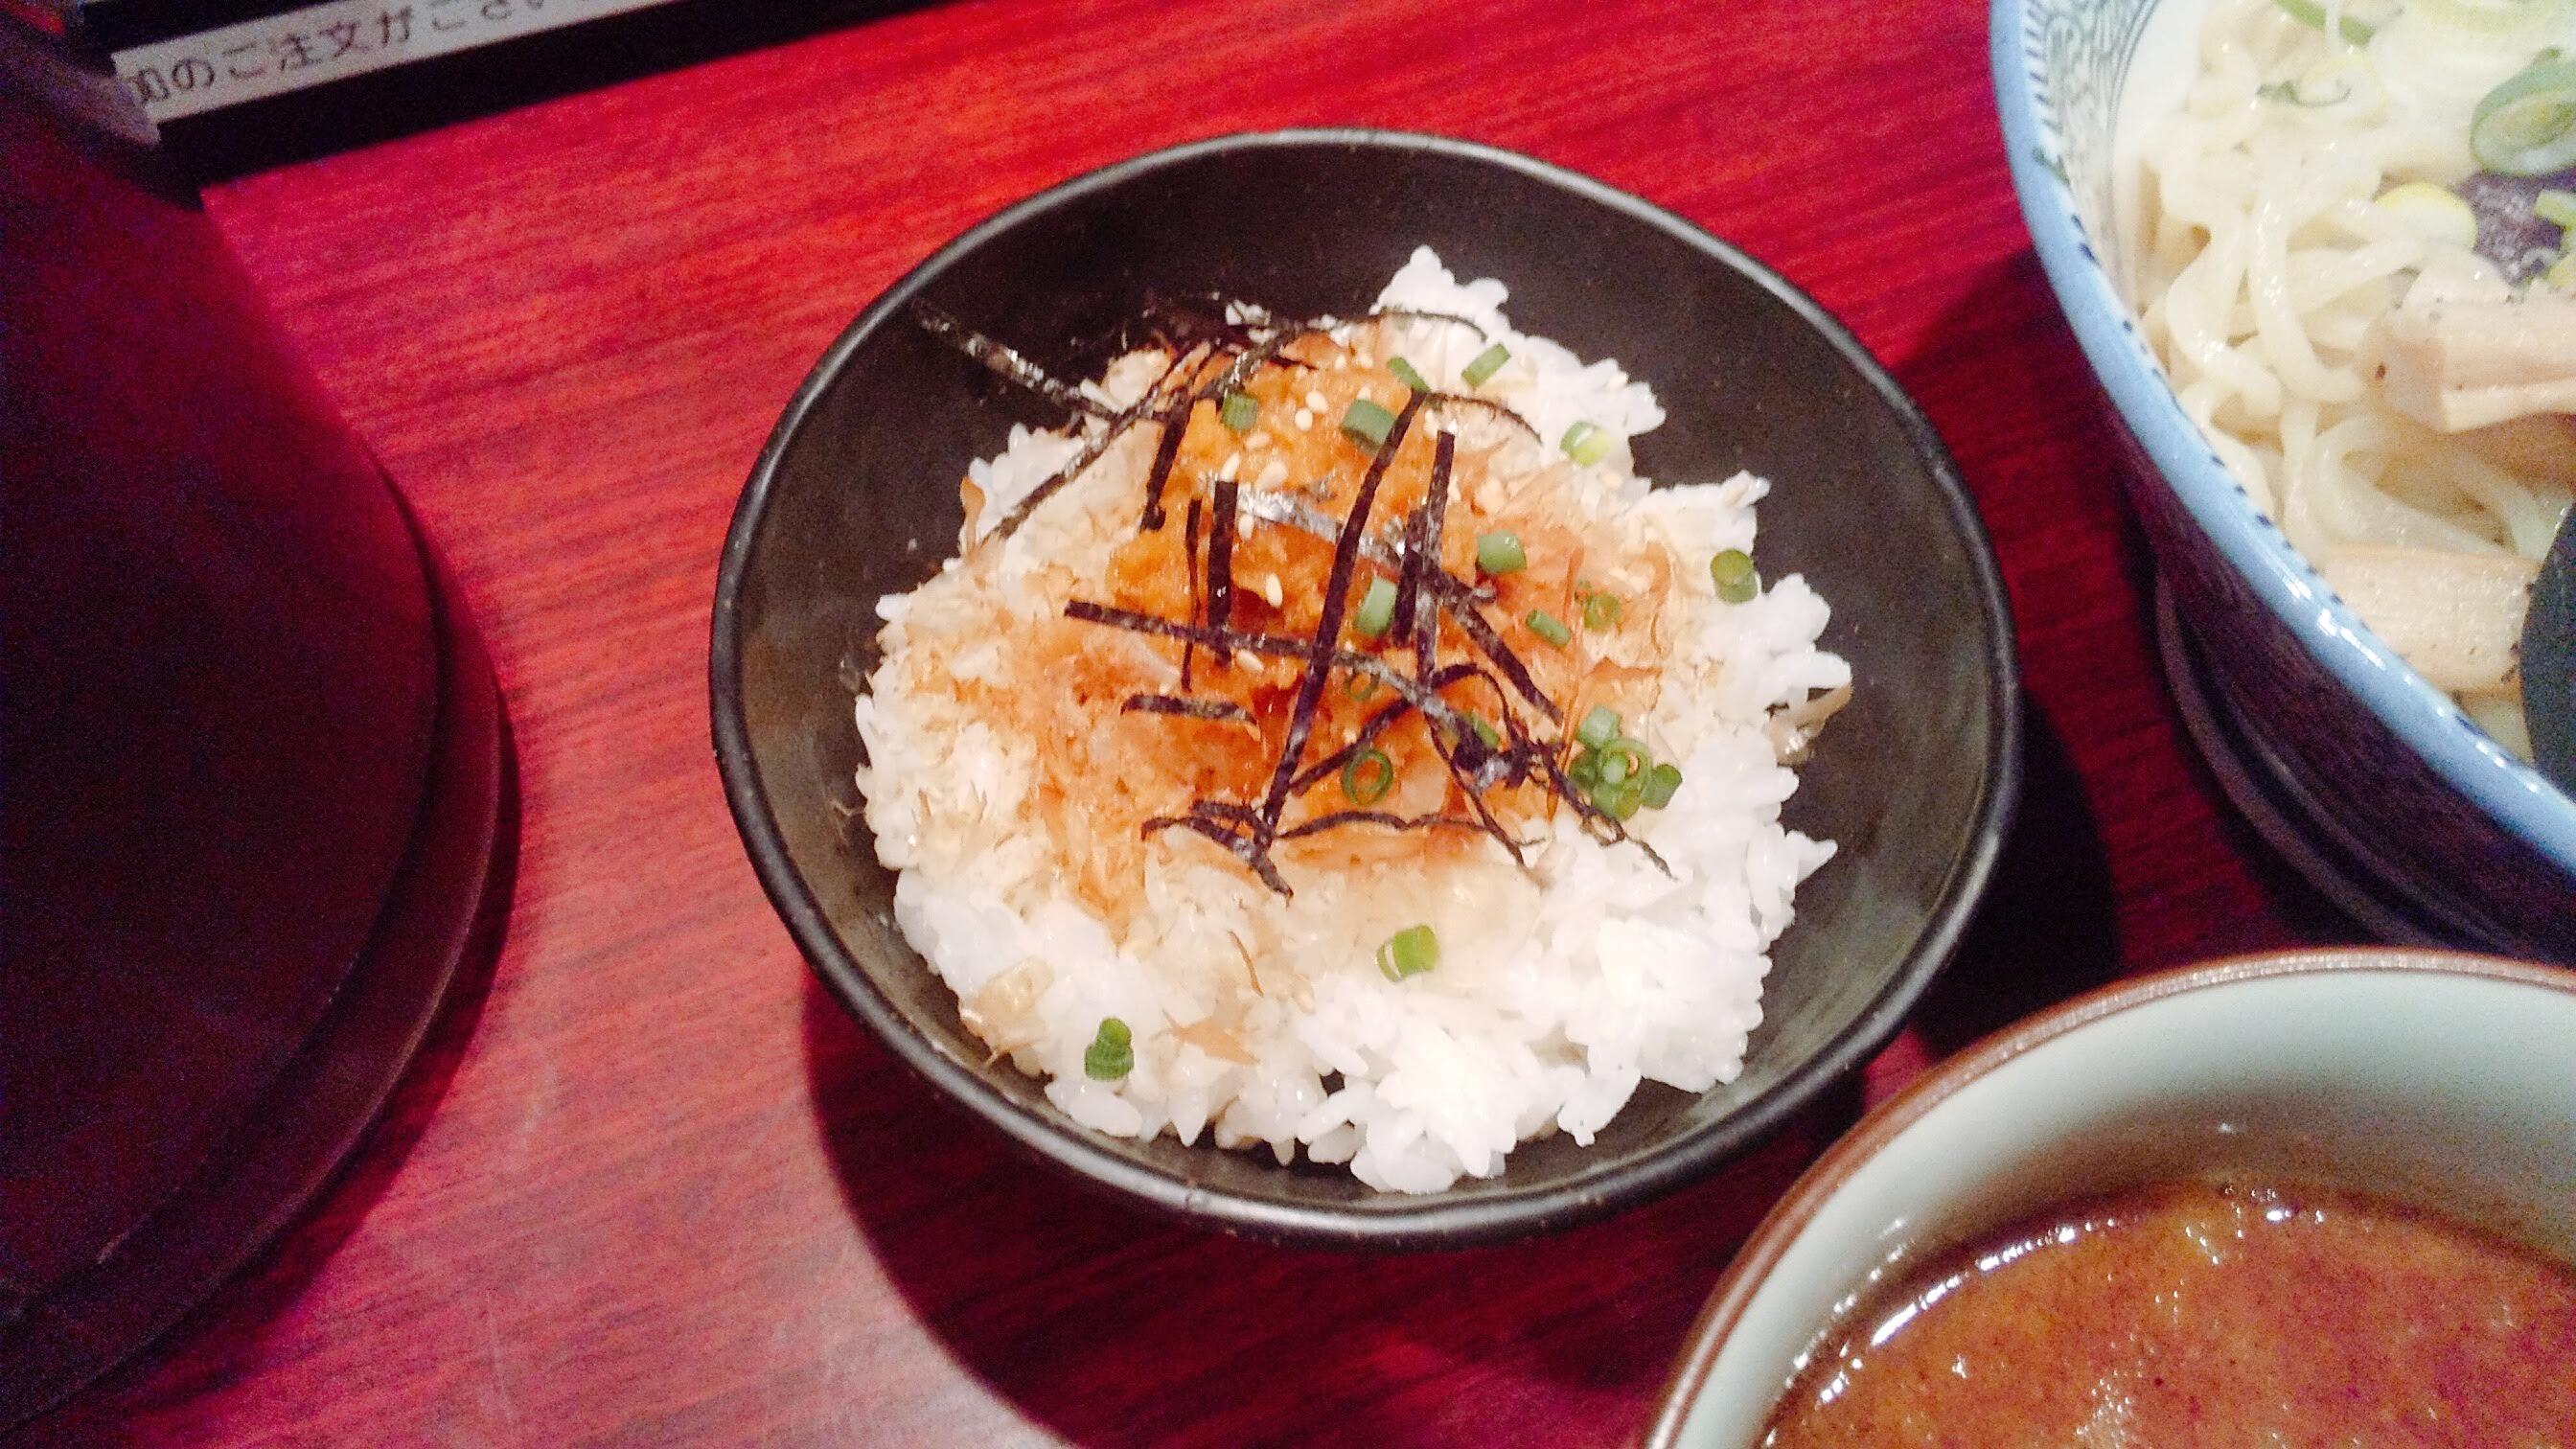 久楽の朝つけ麺セットのわさび丼の写真